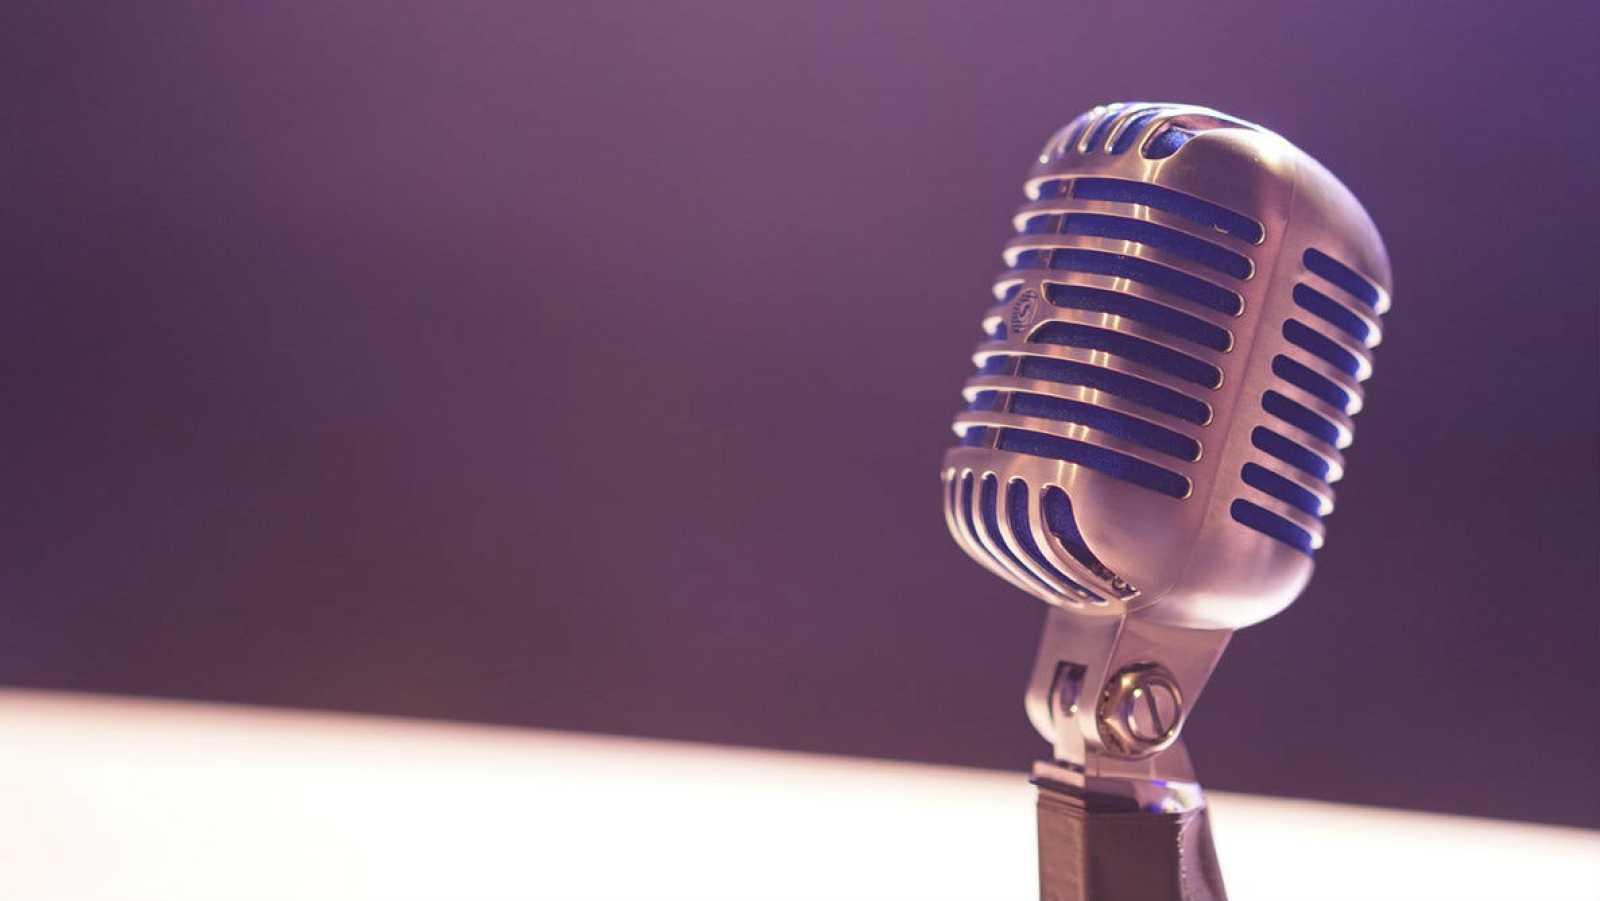 La tertulia de Radio Clásica - Ópera y Danza - 07/01/18 - escuchar ahora